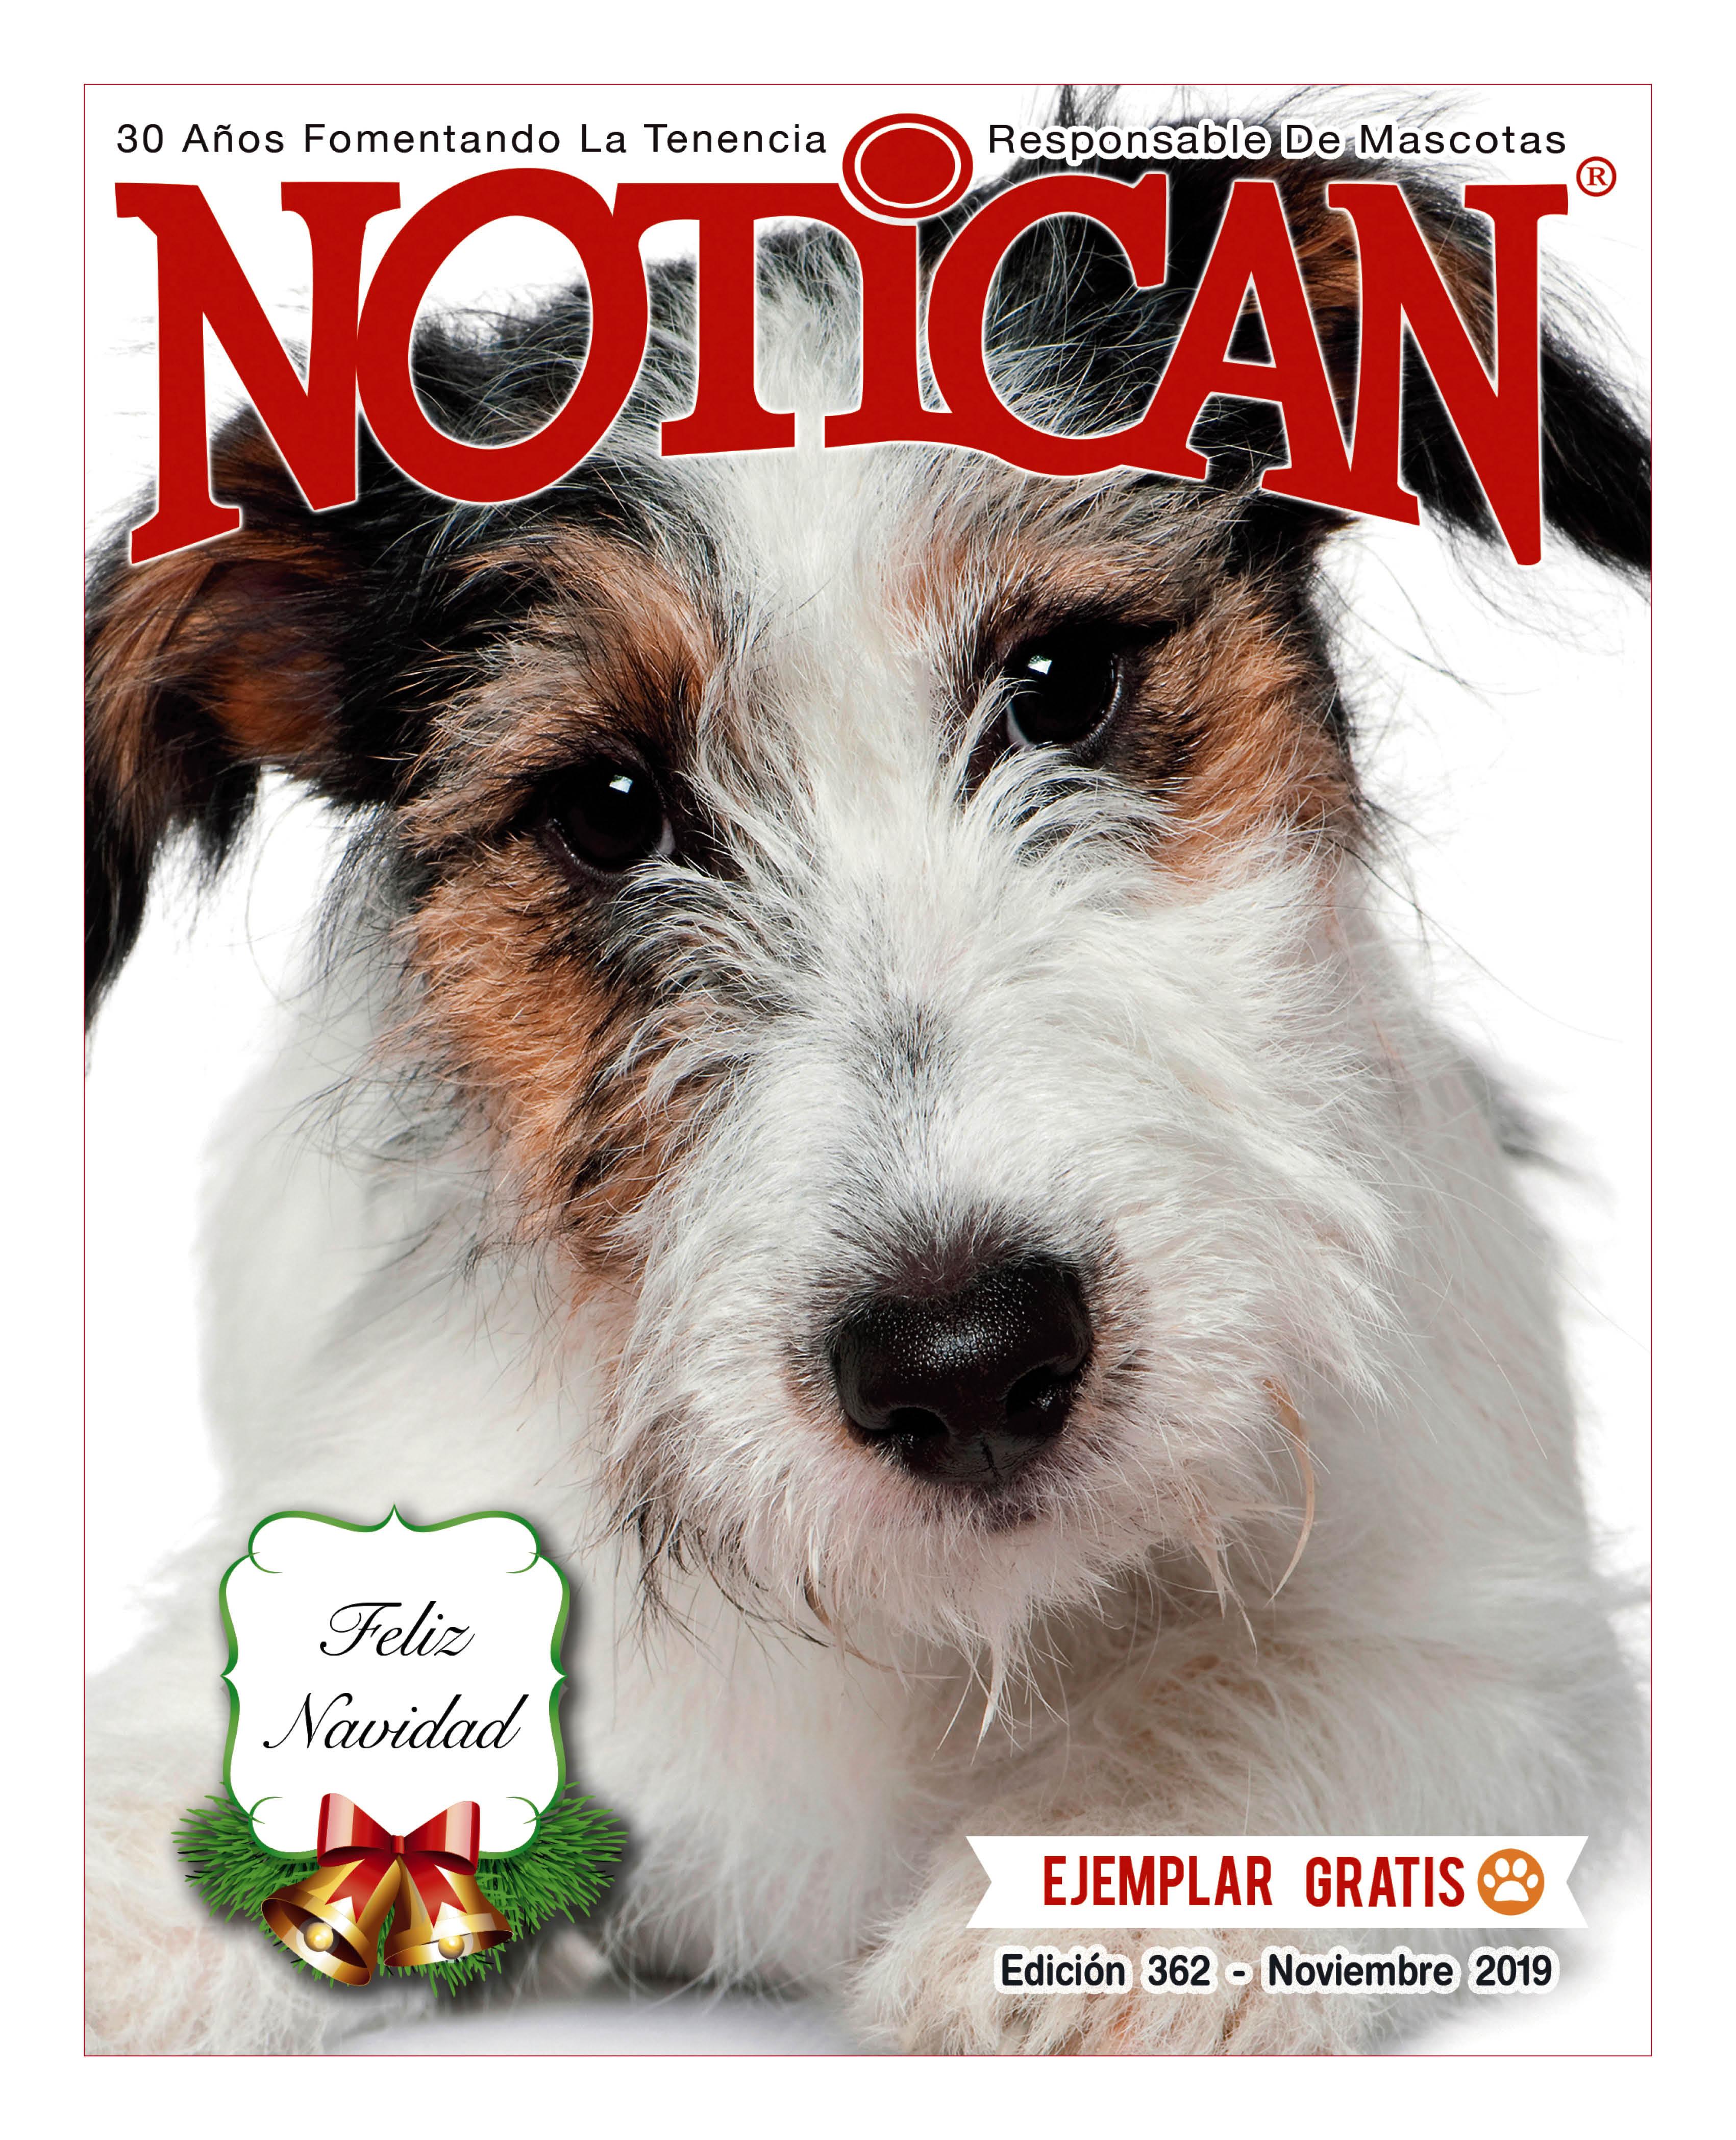 https://www.notican.com/wp-content/uploads/2017/05/Notican-Noviembre-2019.jpg